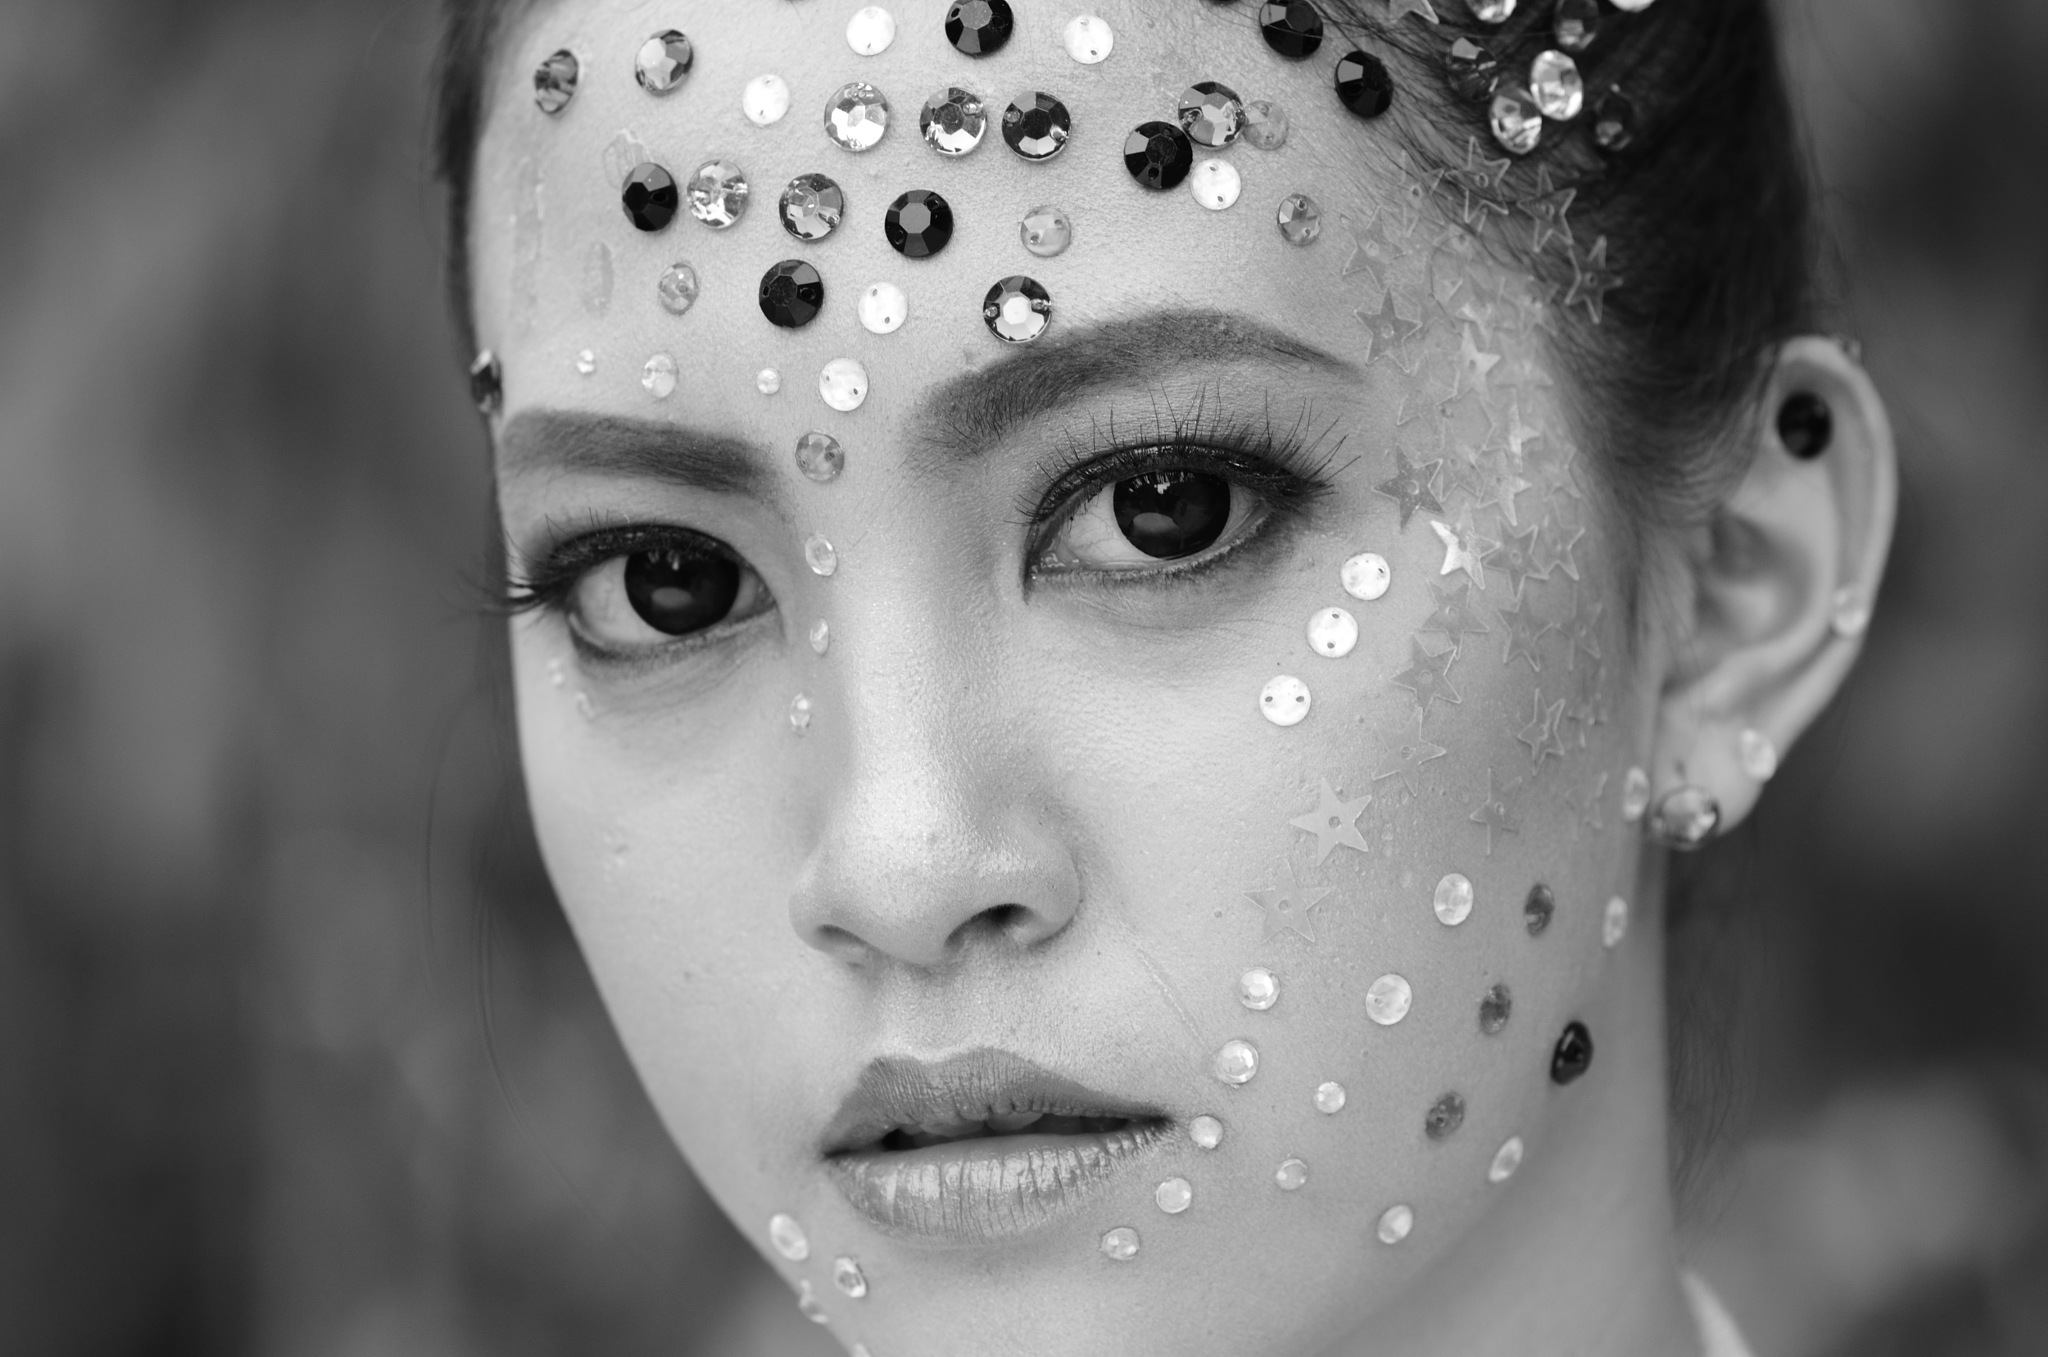 Head Shot by Yulius B Susilo